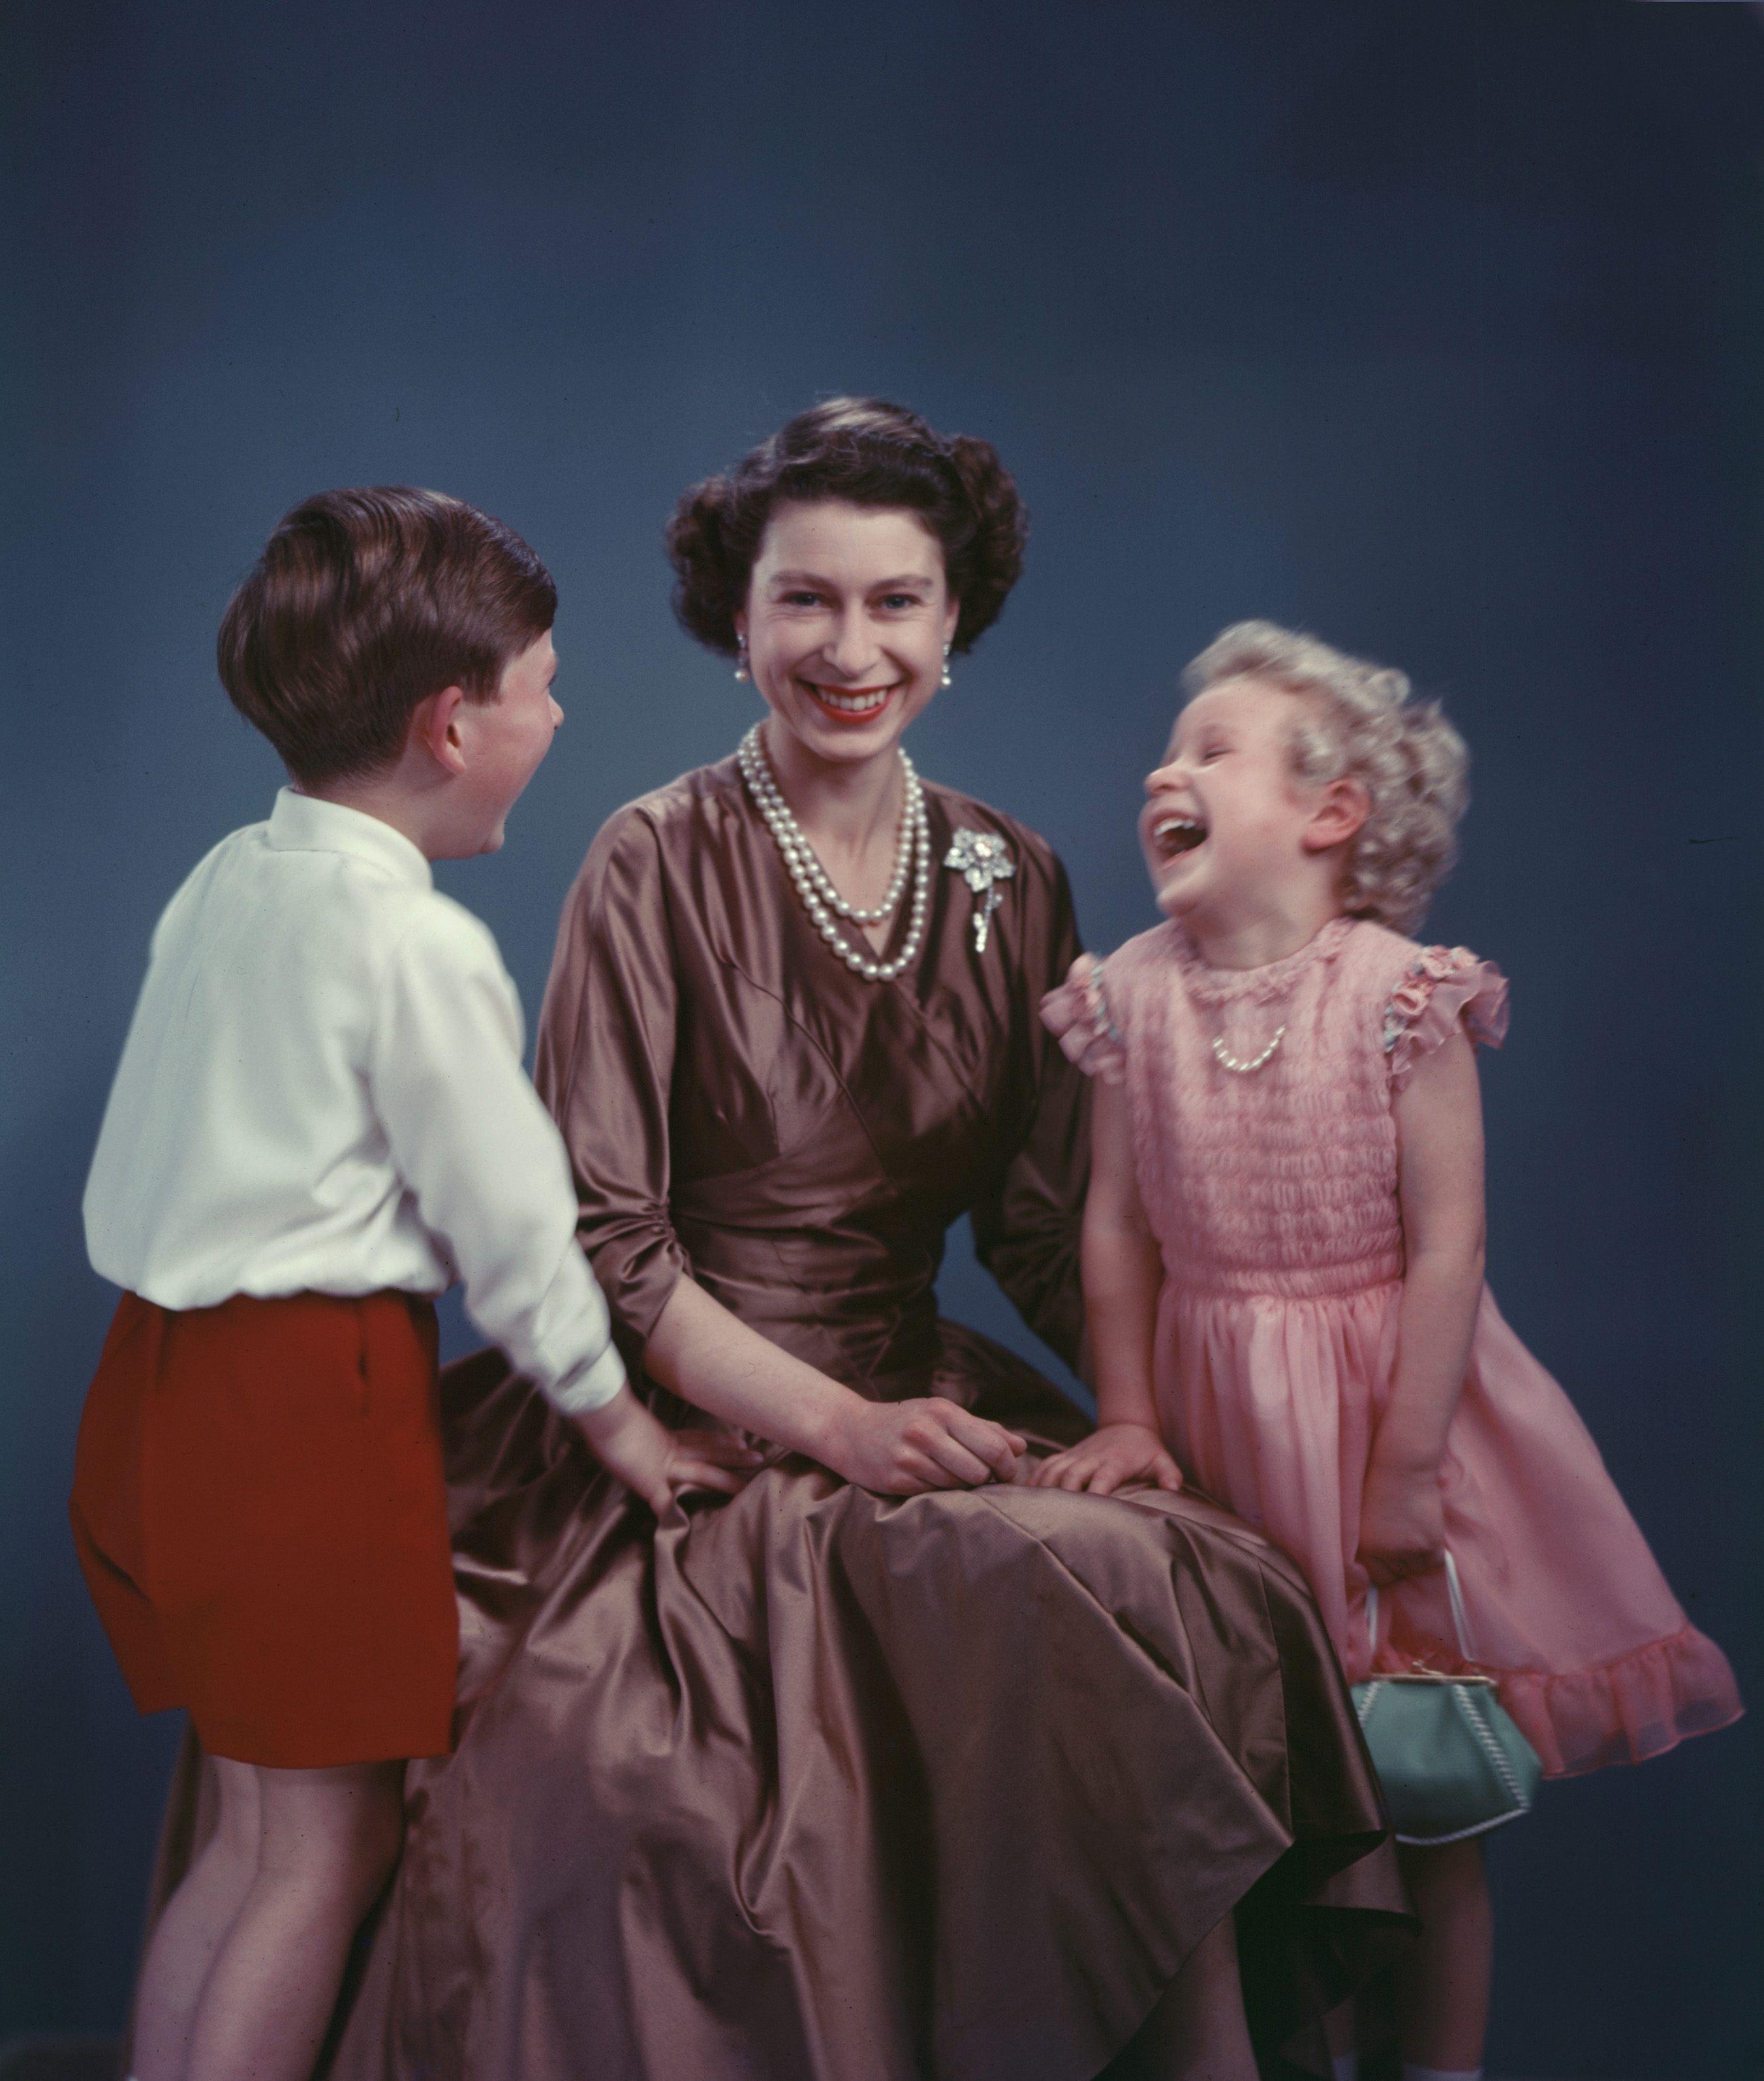 """Retrato de la reina Elizabeth II junto a sus hijos los príncipes Charles y Anne tomado en noviembre de 1954 Esta imagen formó parte de un libro y una exposición titulada """"Marcus Adams: Fotógrafo real"""" que se mostró en The Queen's Gallery de Edimburgo entre febrero y junio de 2011. (Archivo)"""